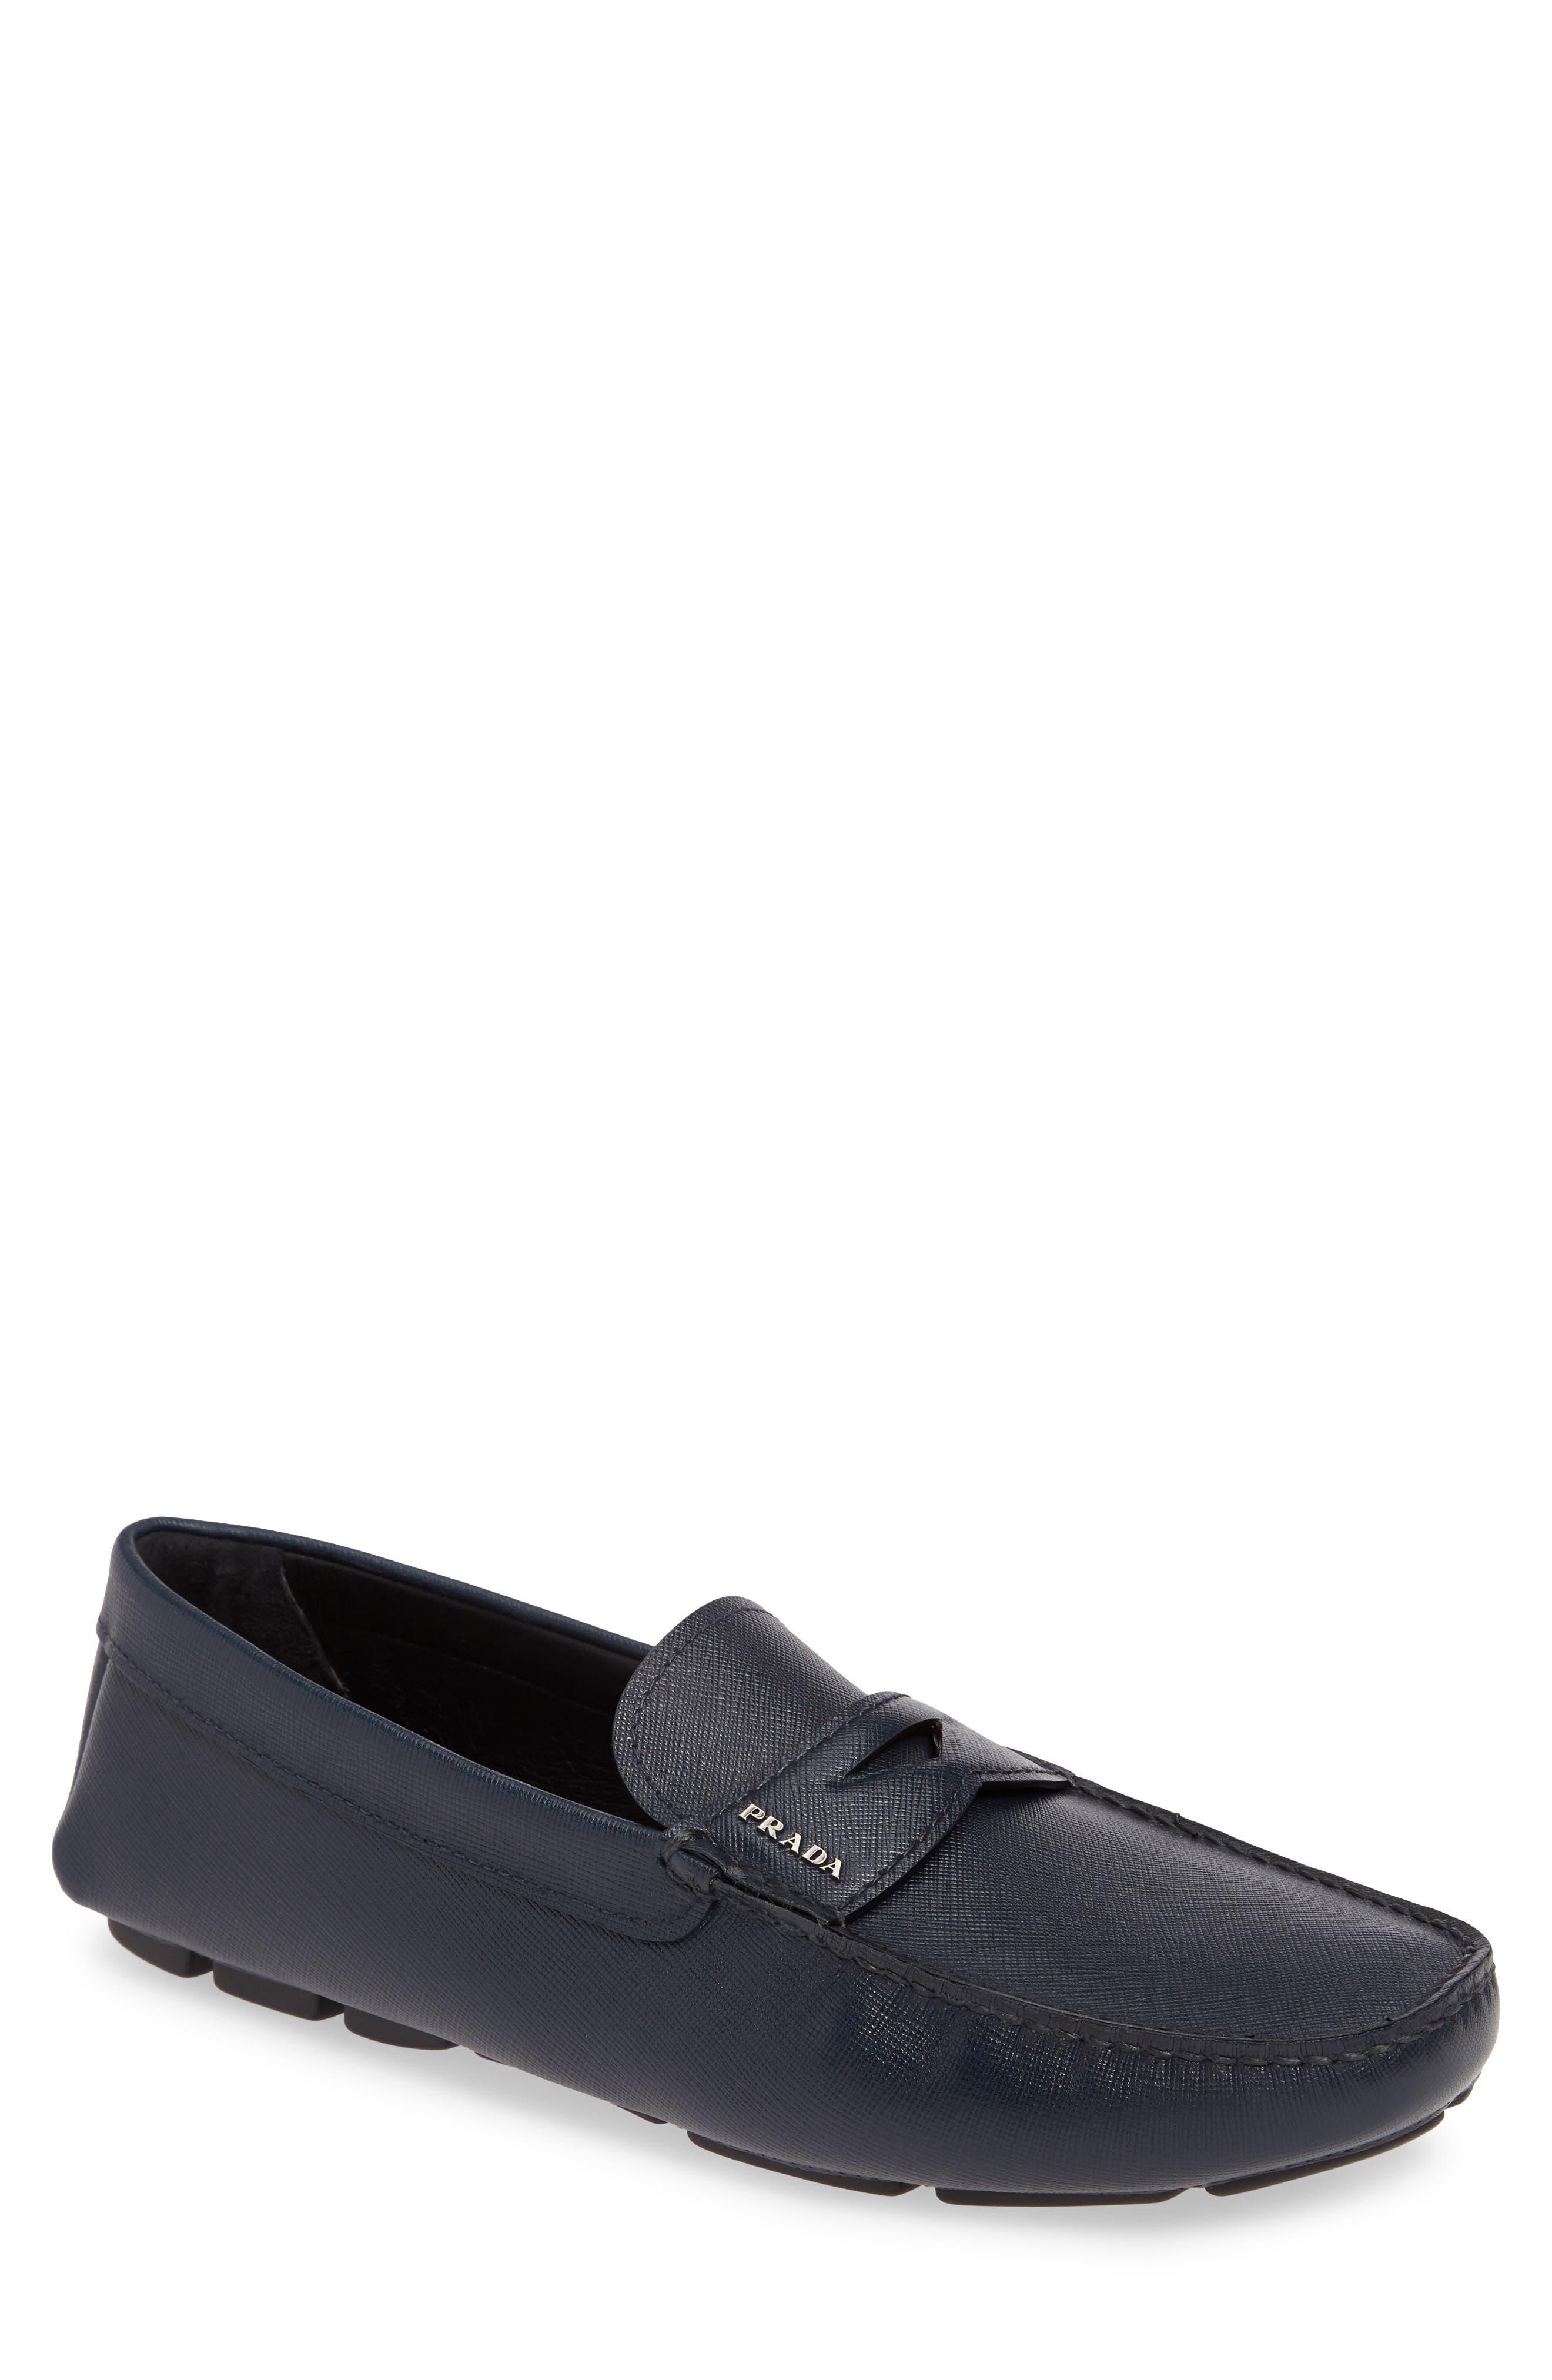 5e3b84cdbbd5 Prada Shoes for Men